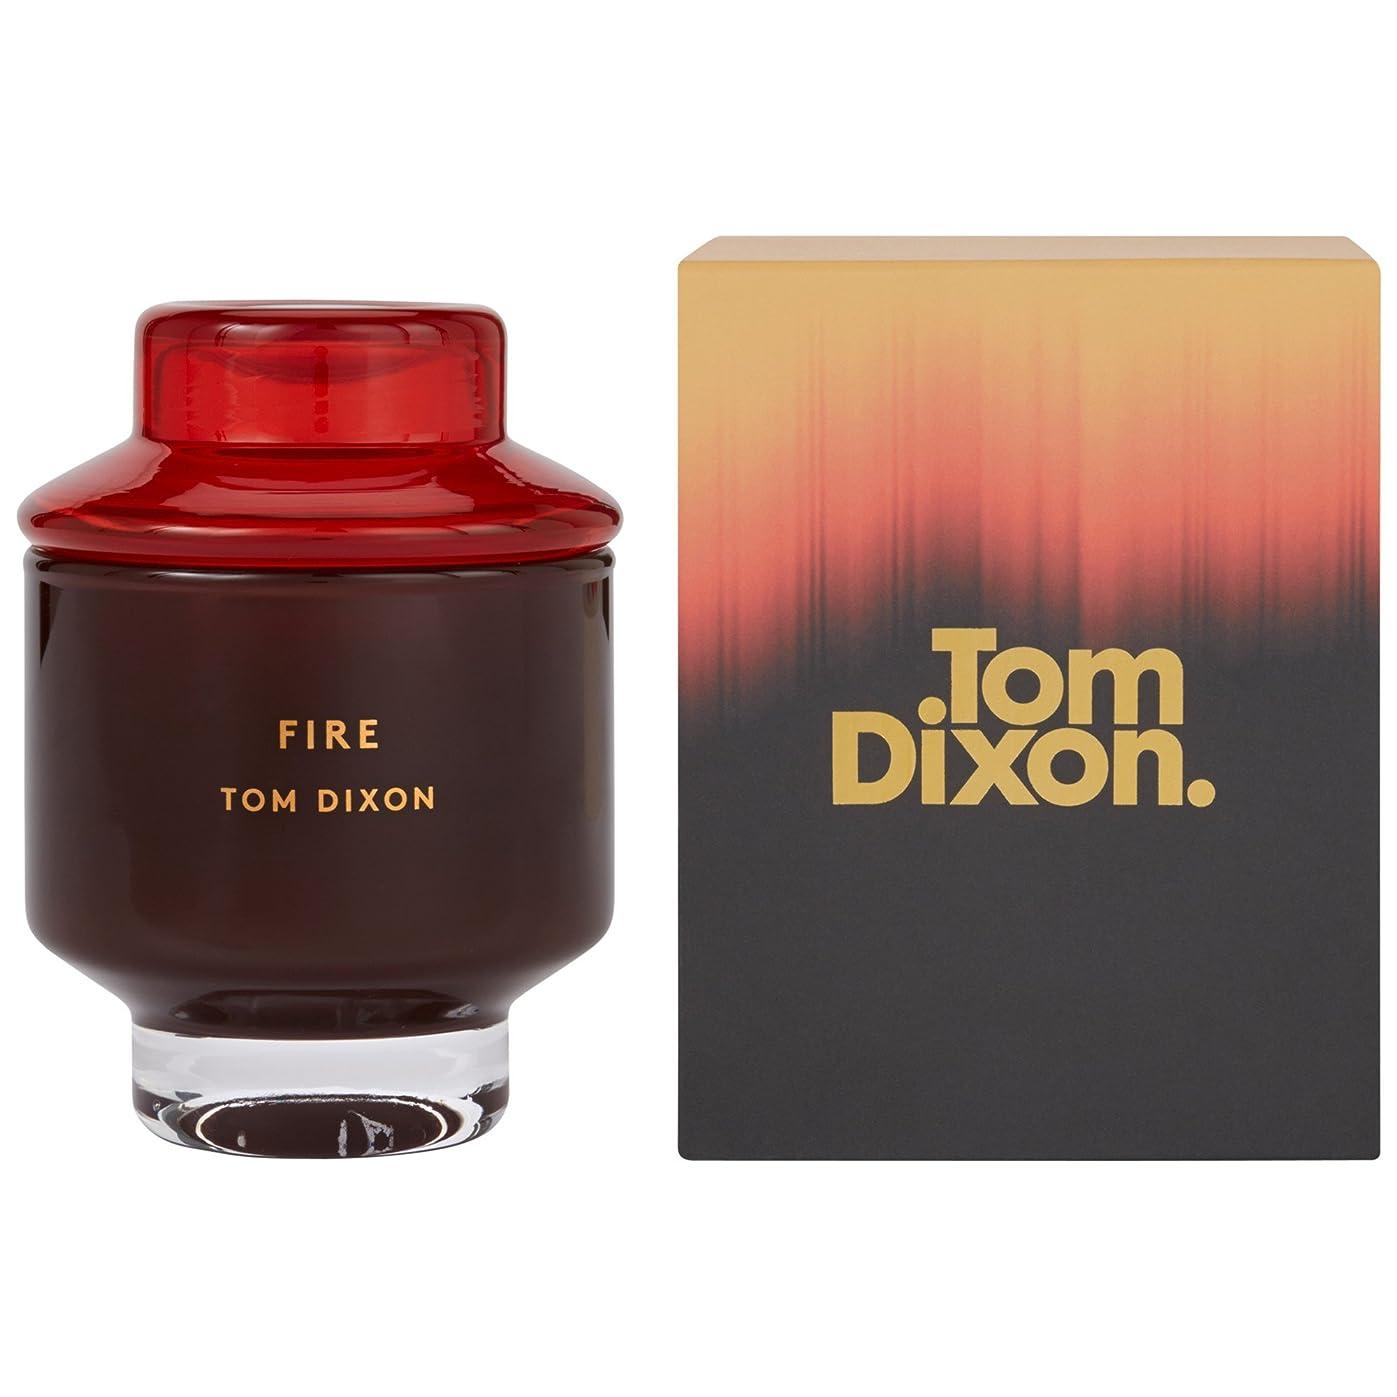 工業化する本確立しますトム?ディクソン火災香りのキャンドル媒体 x6 - Tom Dixon Fire Scented Candle Medium (Pack of 6) [並行輸入品]